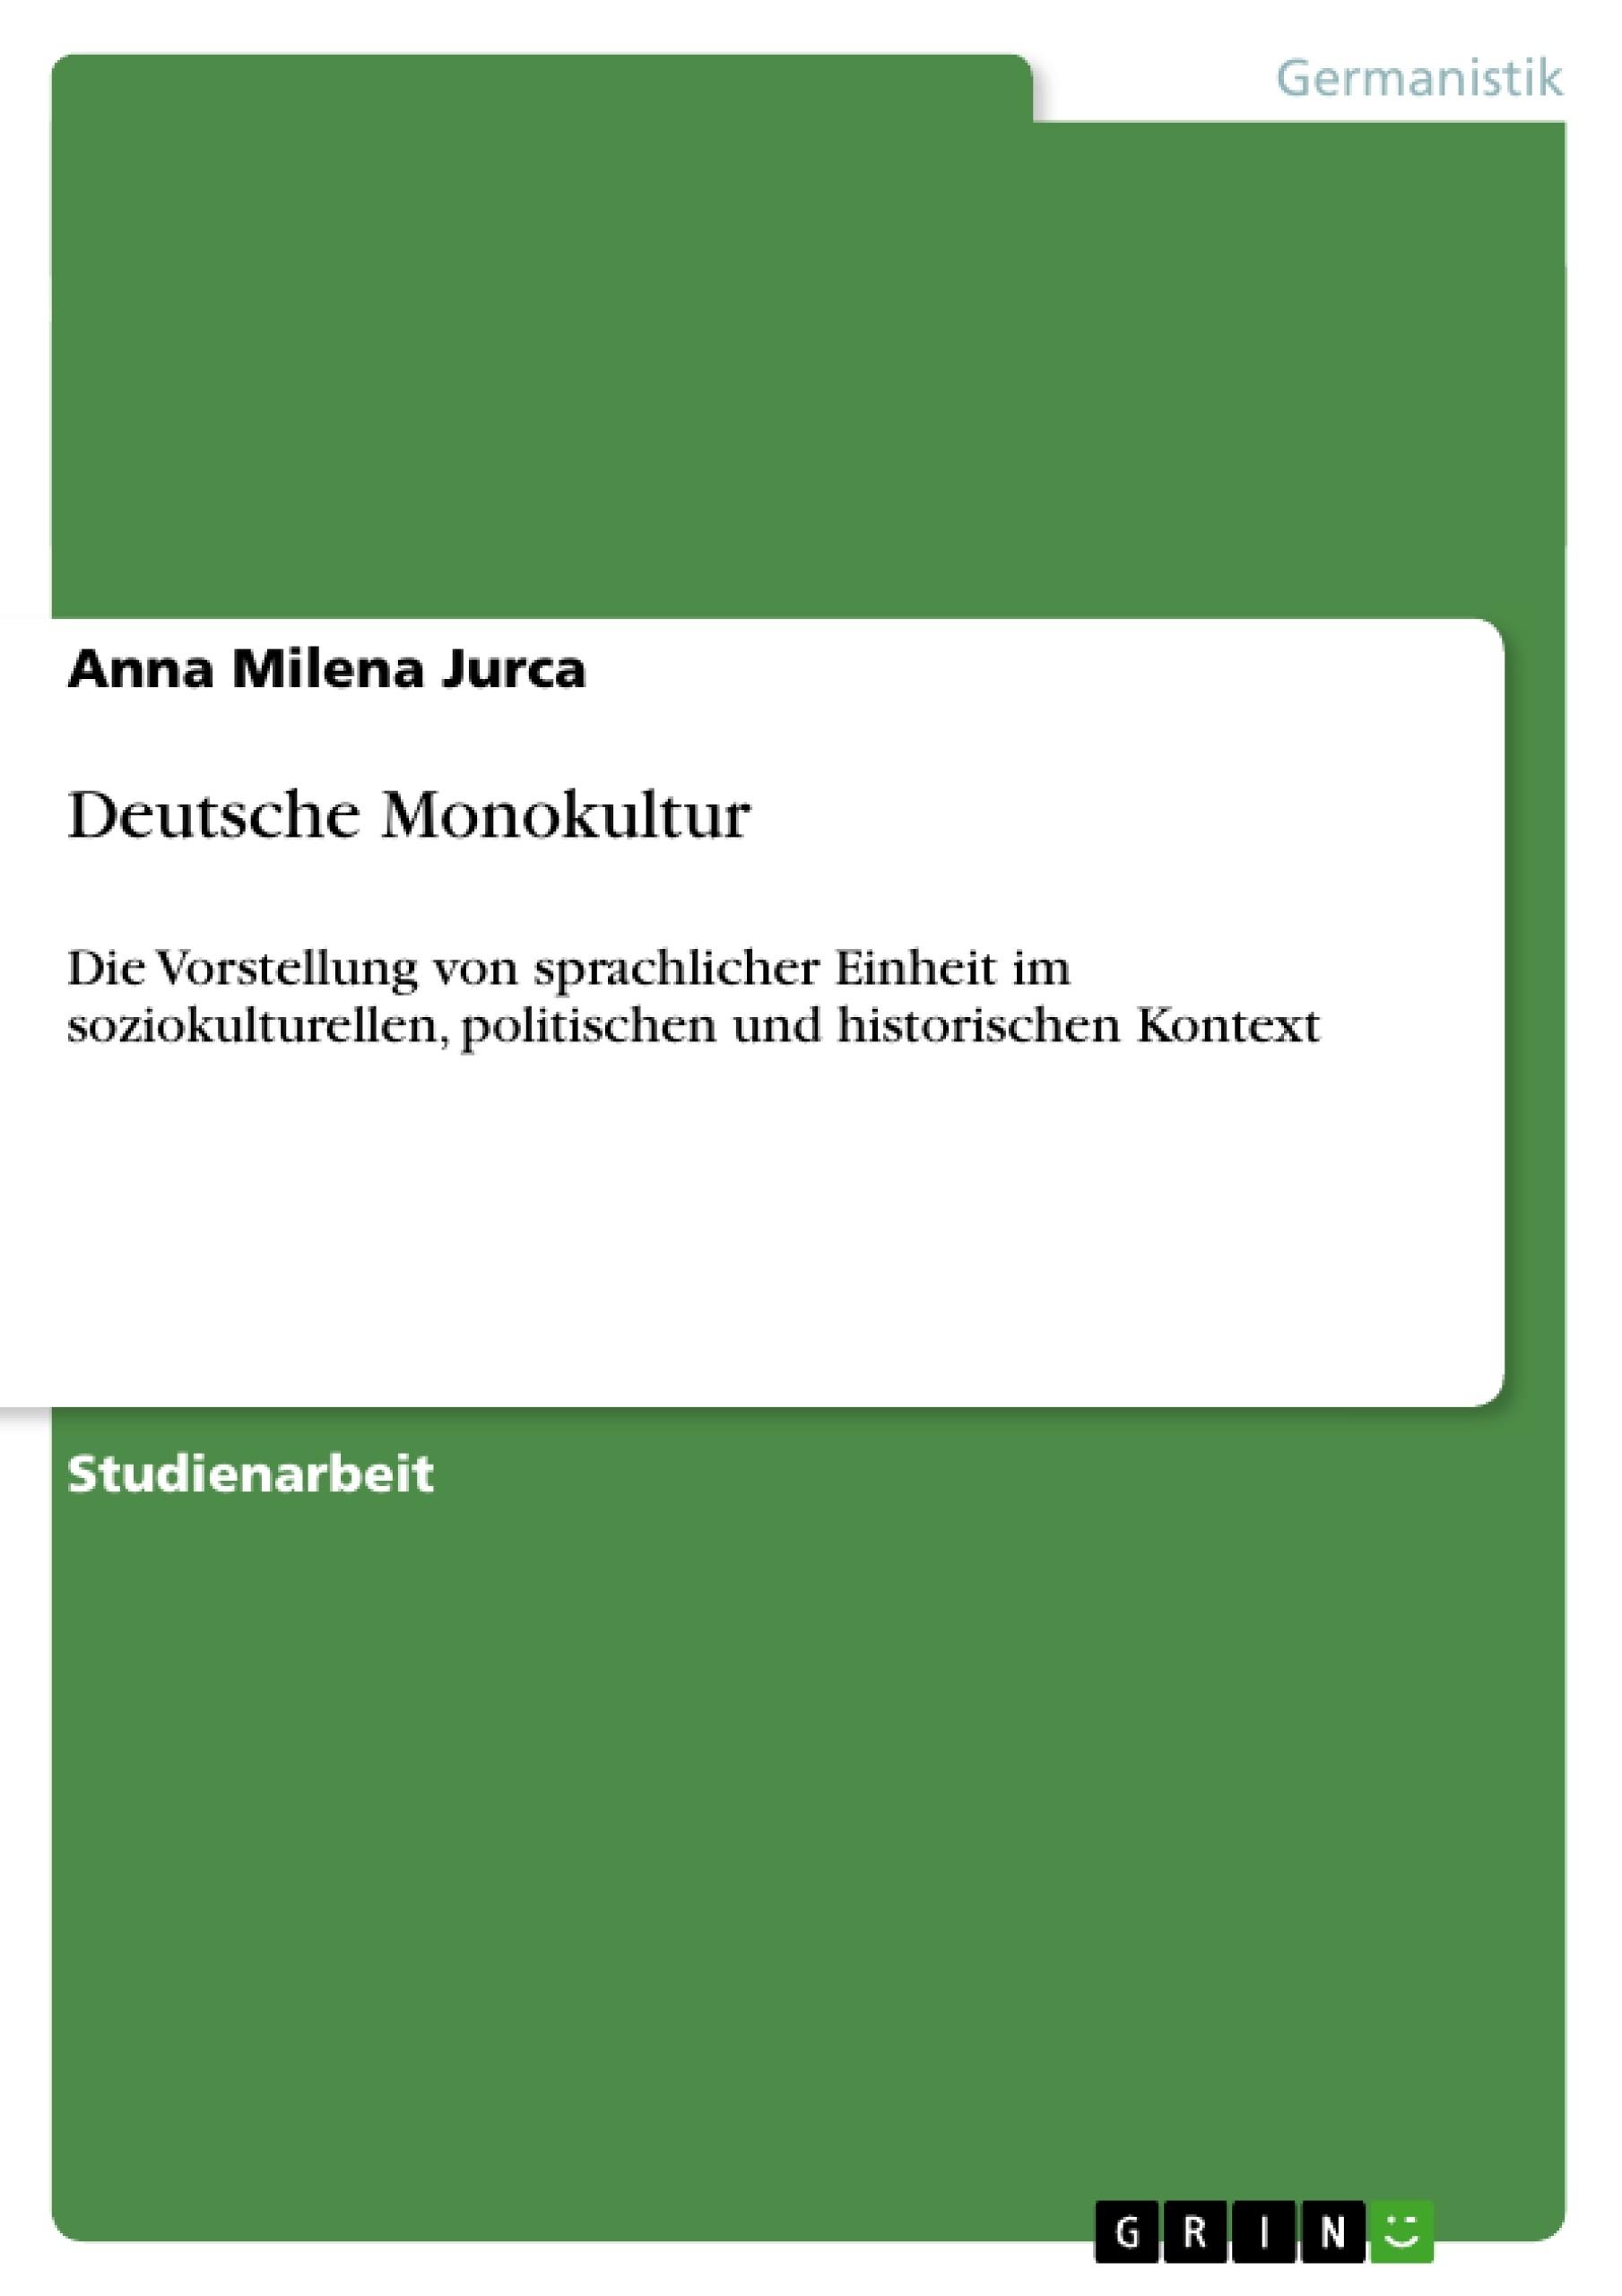 Titel: Deutsche Monokultur